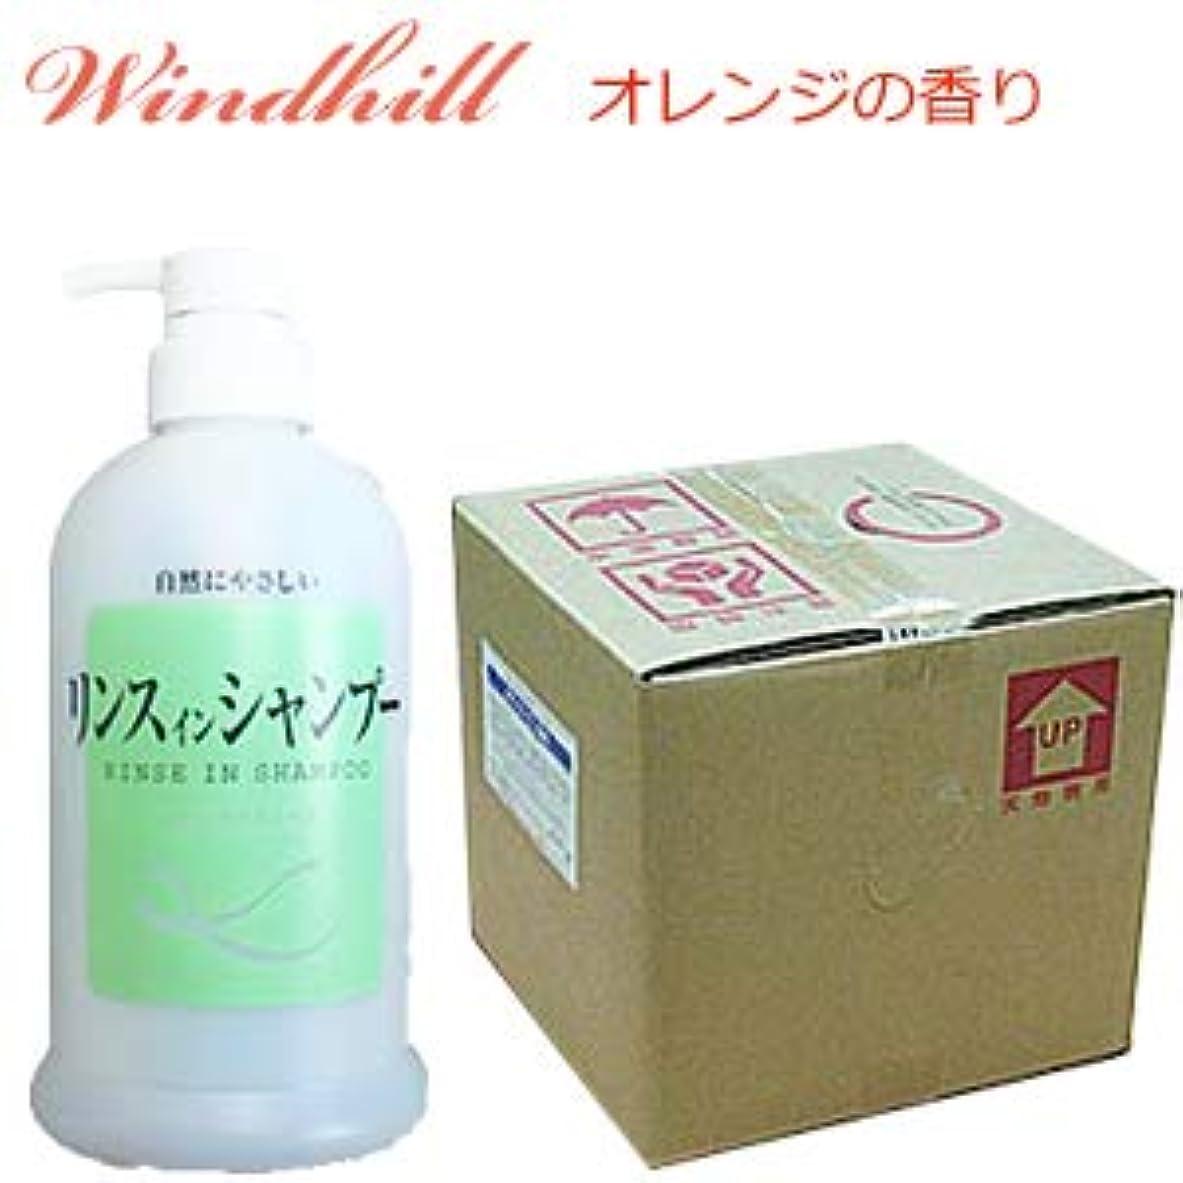 スキャンダラス符号肉腫Windhill 植物性業務用 リンスインシャンプーオレンジの香り 20L(1セット20L入)